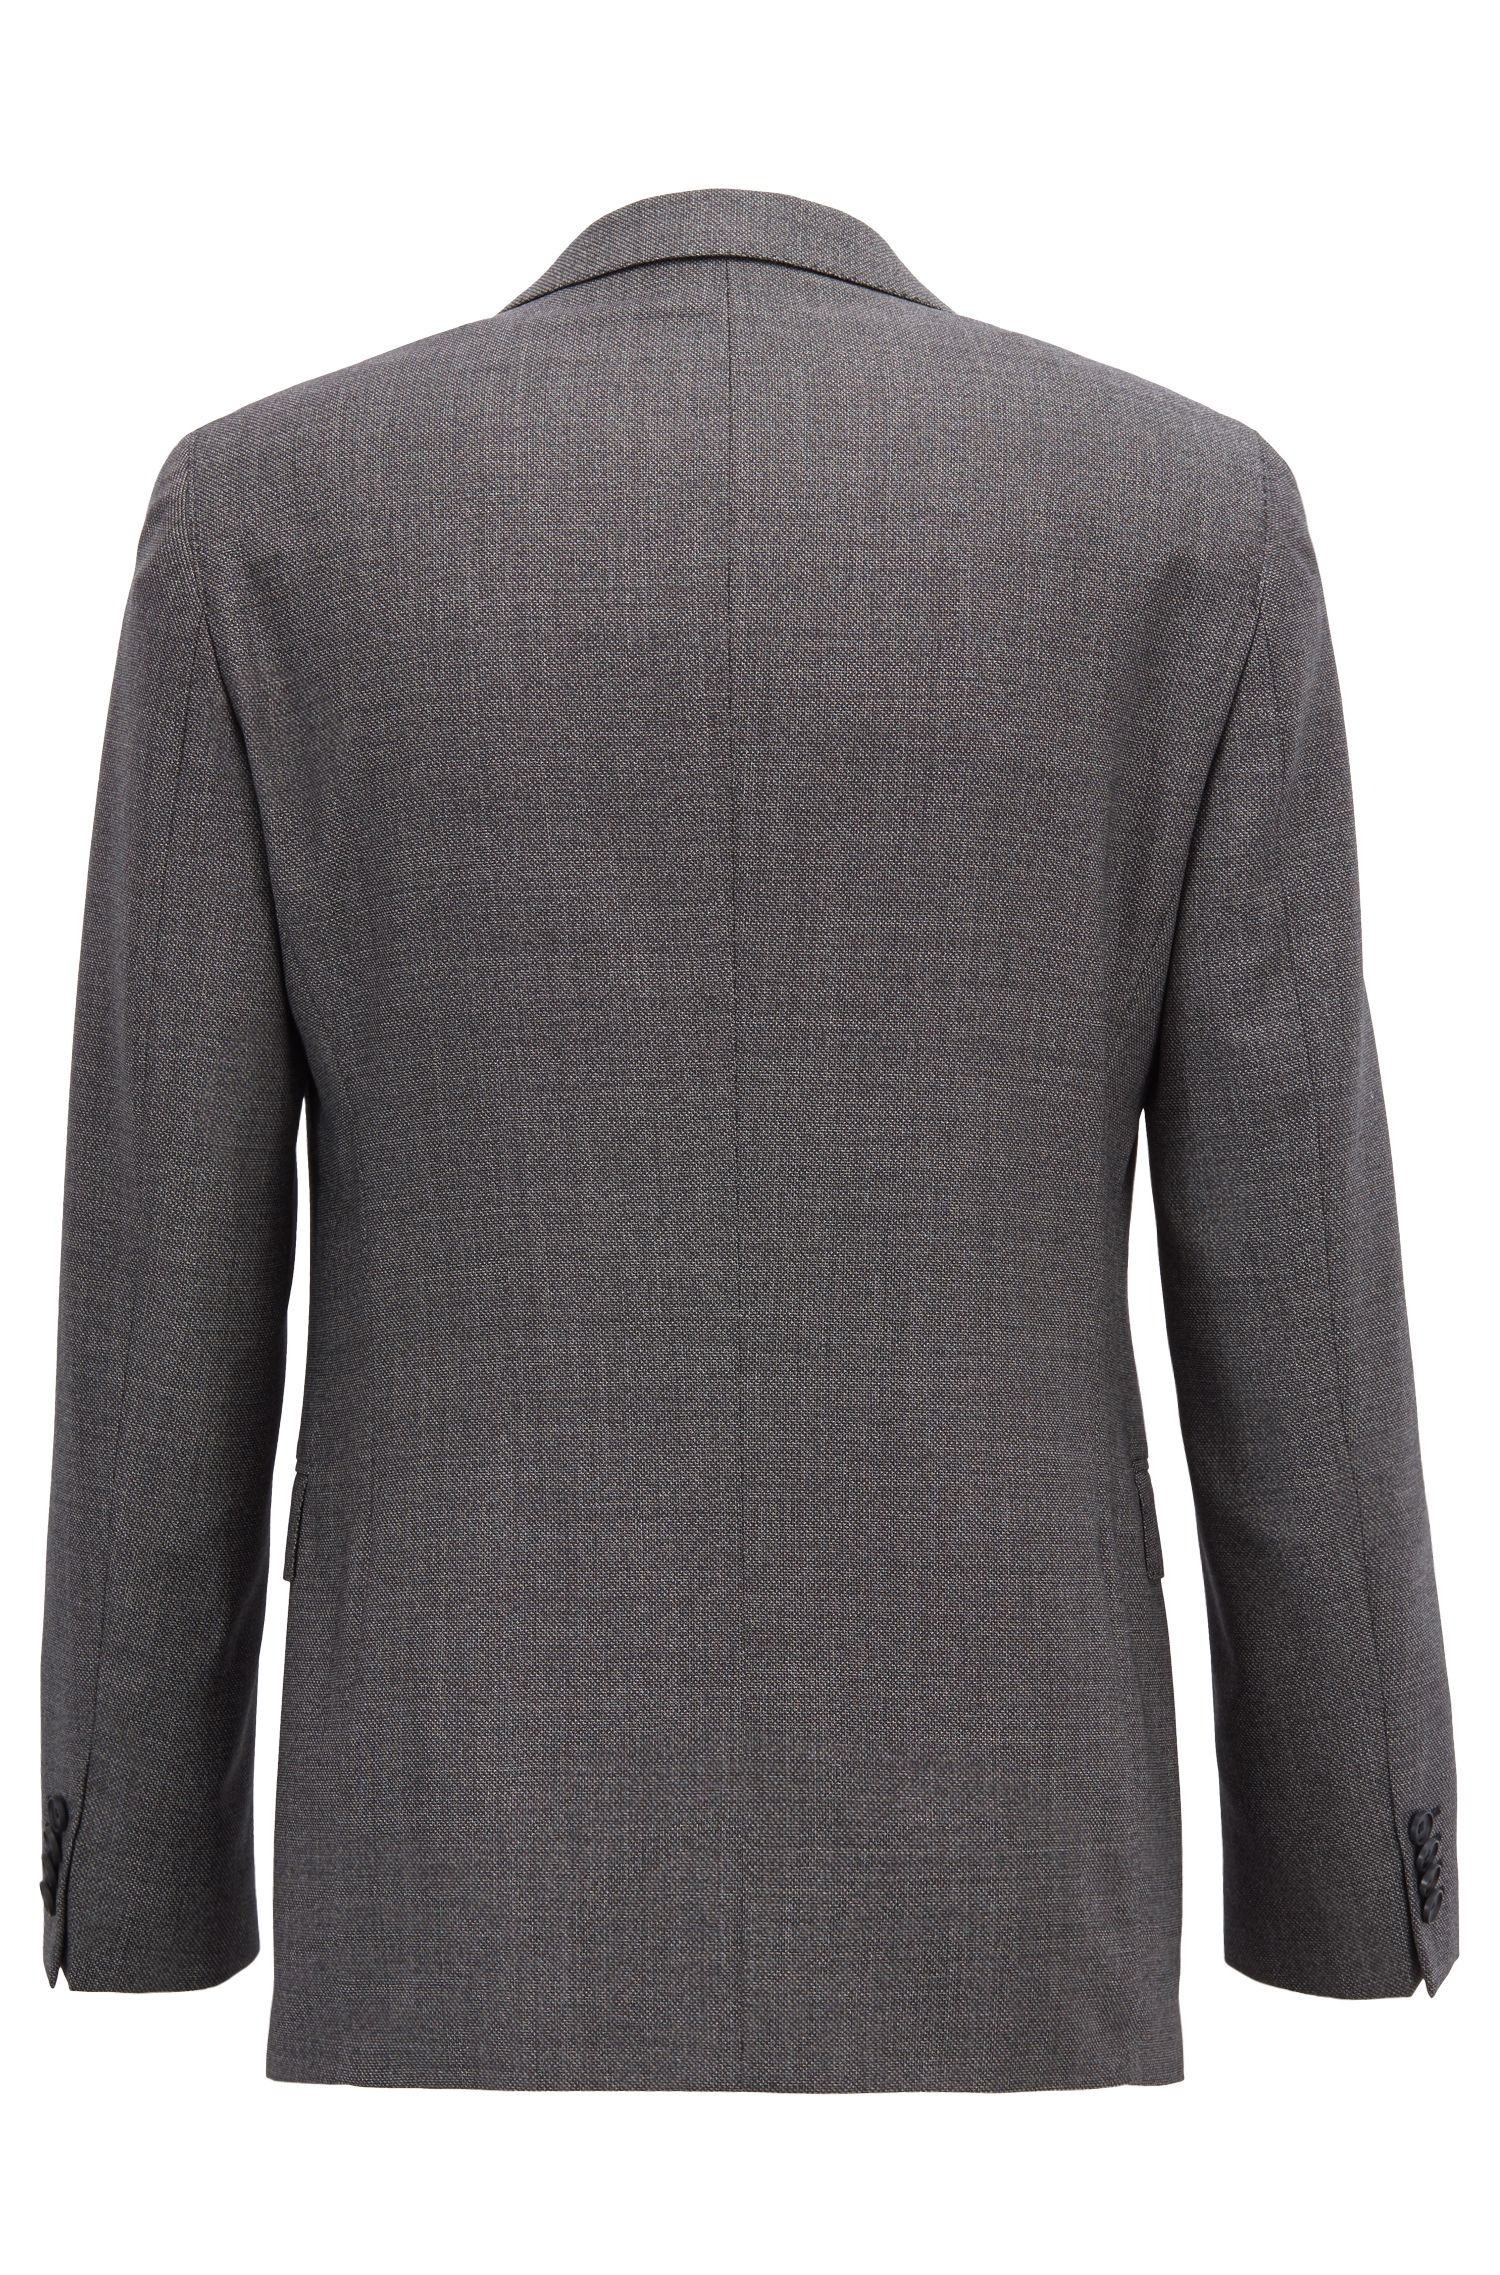 Traje slim fit en sarga de lana virgen con microestampado, Gris oscuro